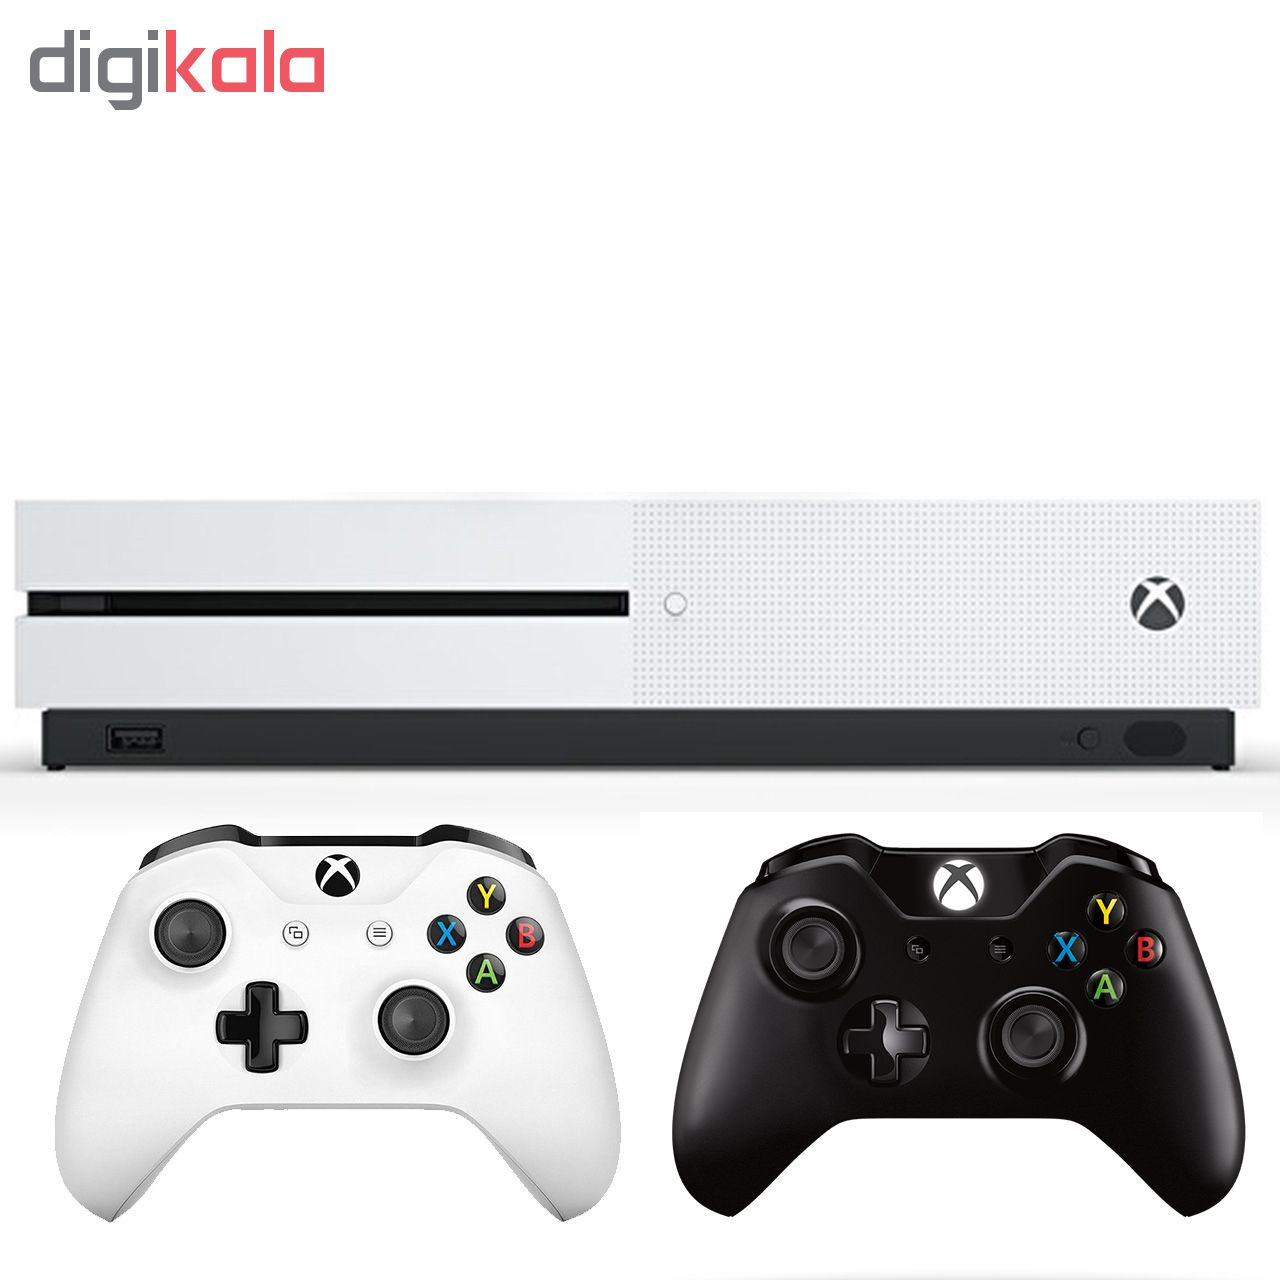 مجموعه کنسول بازی مایکروسافت مدل Xbox One S ظرفیت 1 ترابایت